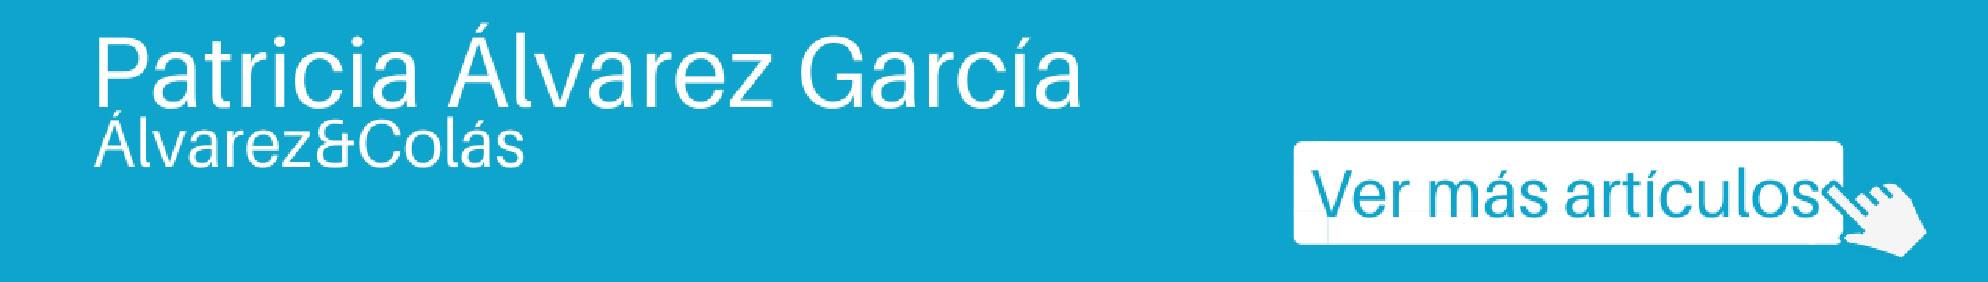 Patricia-Alvarez-y-Colas